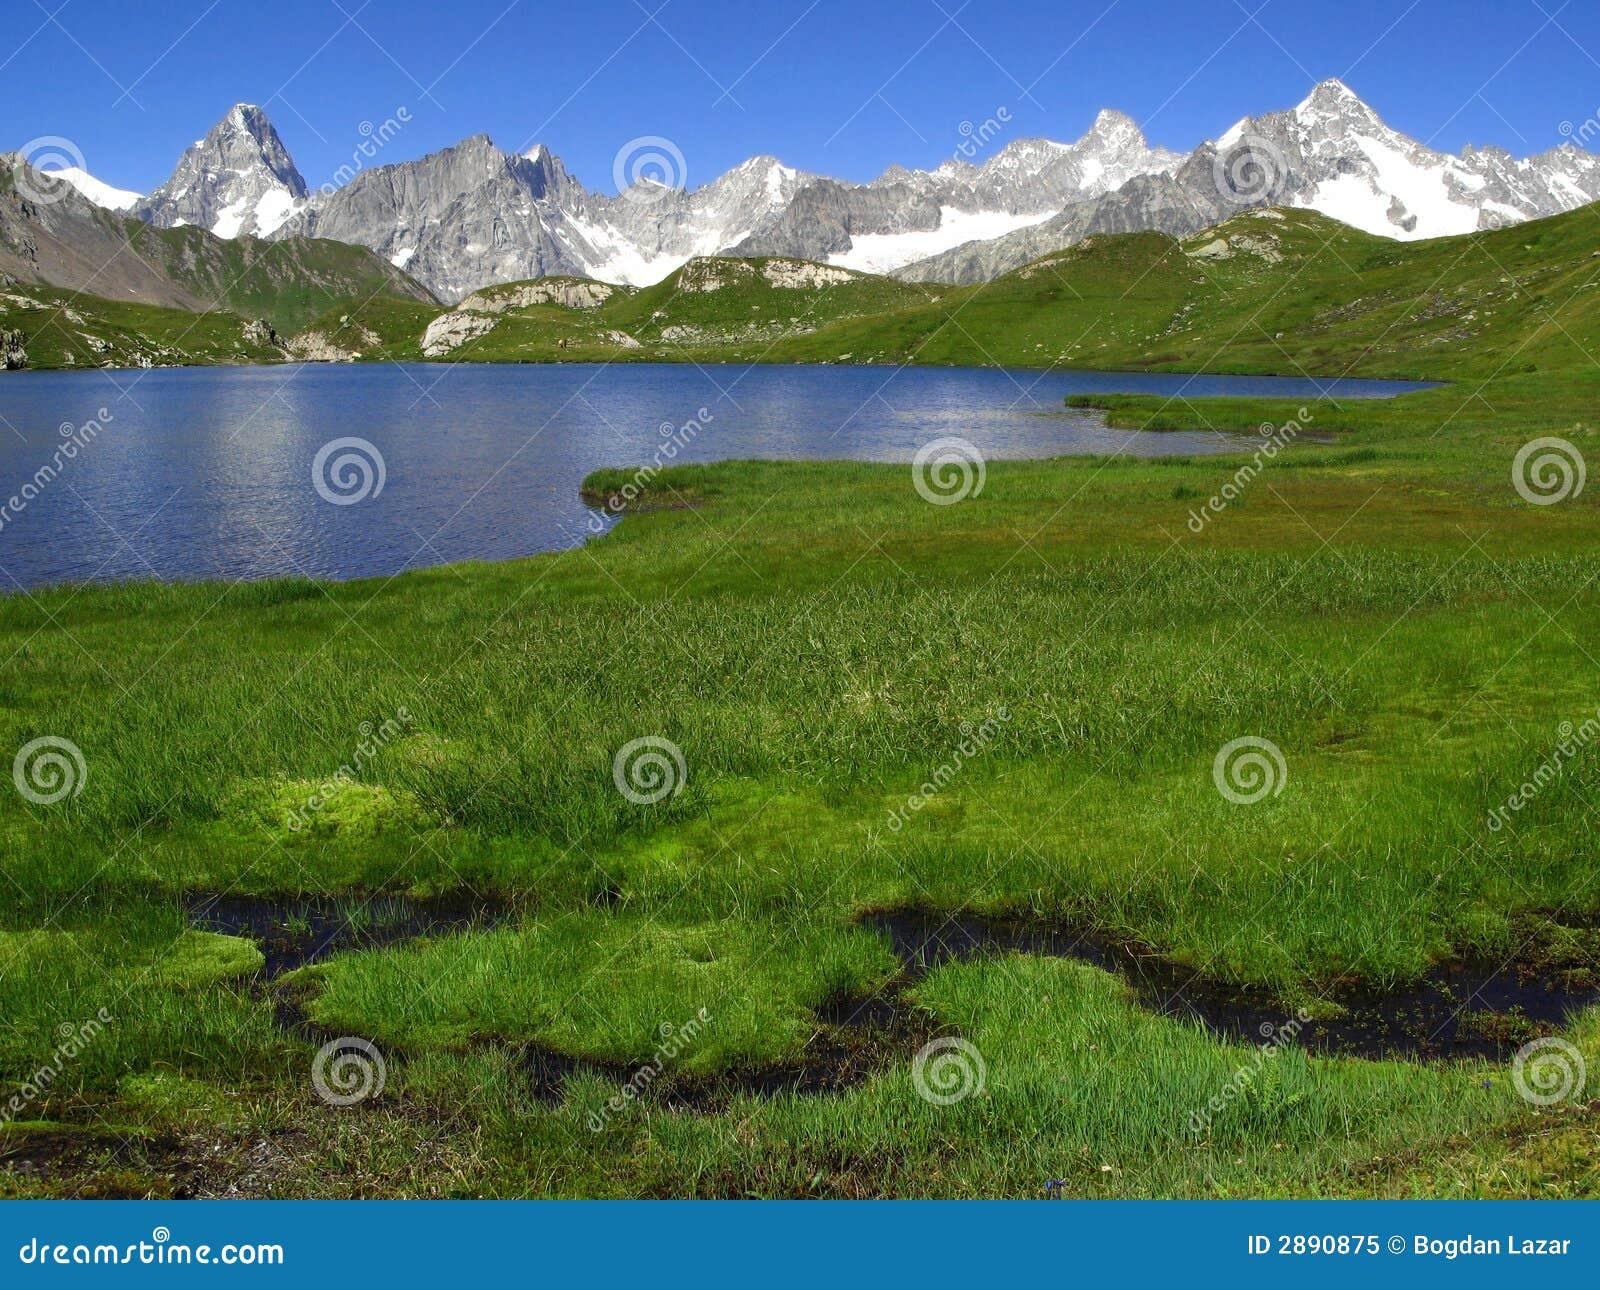 Fenetre Seen 2, europäische Alpen